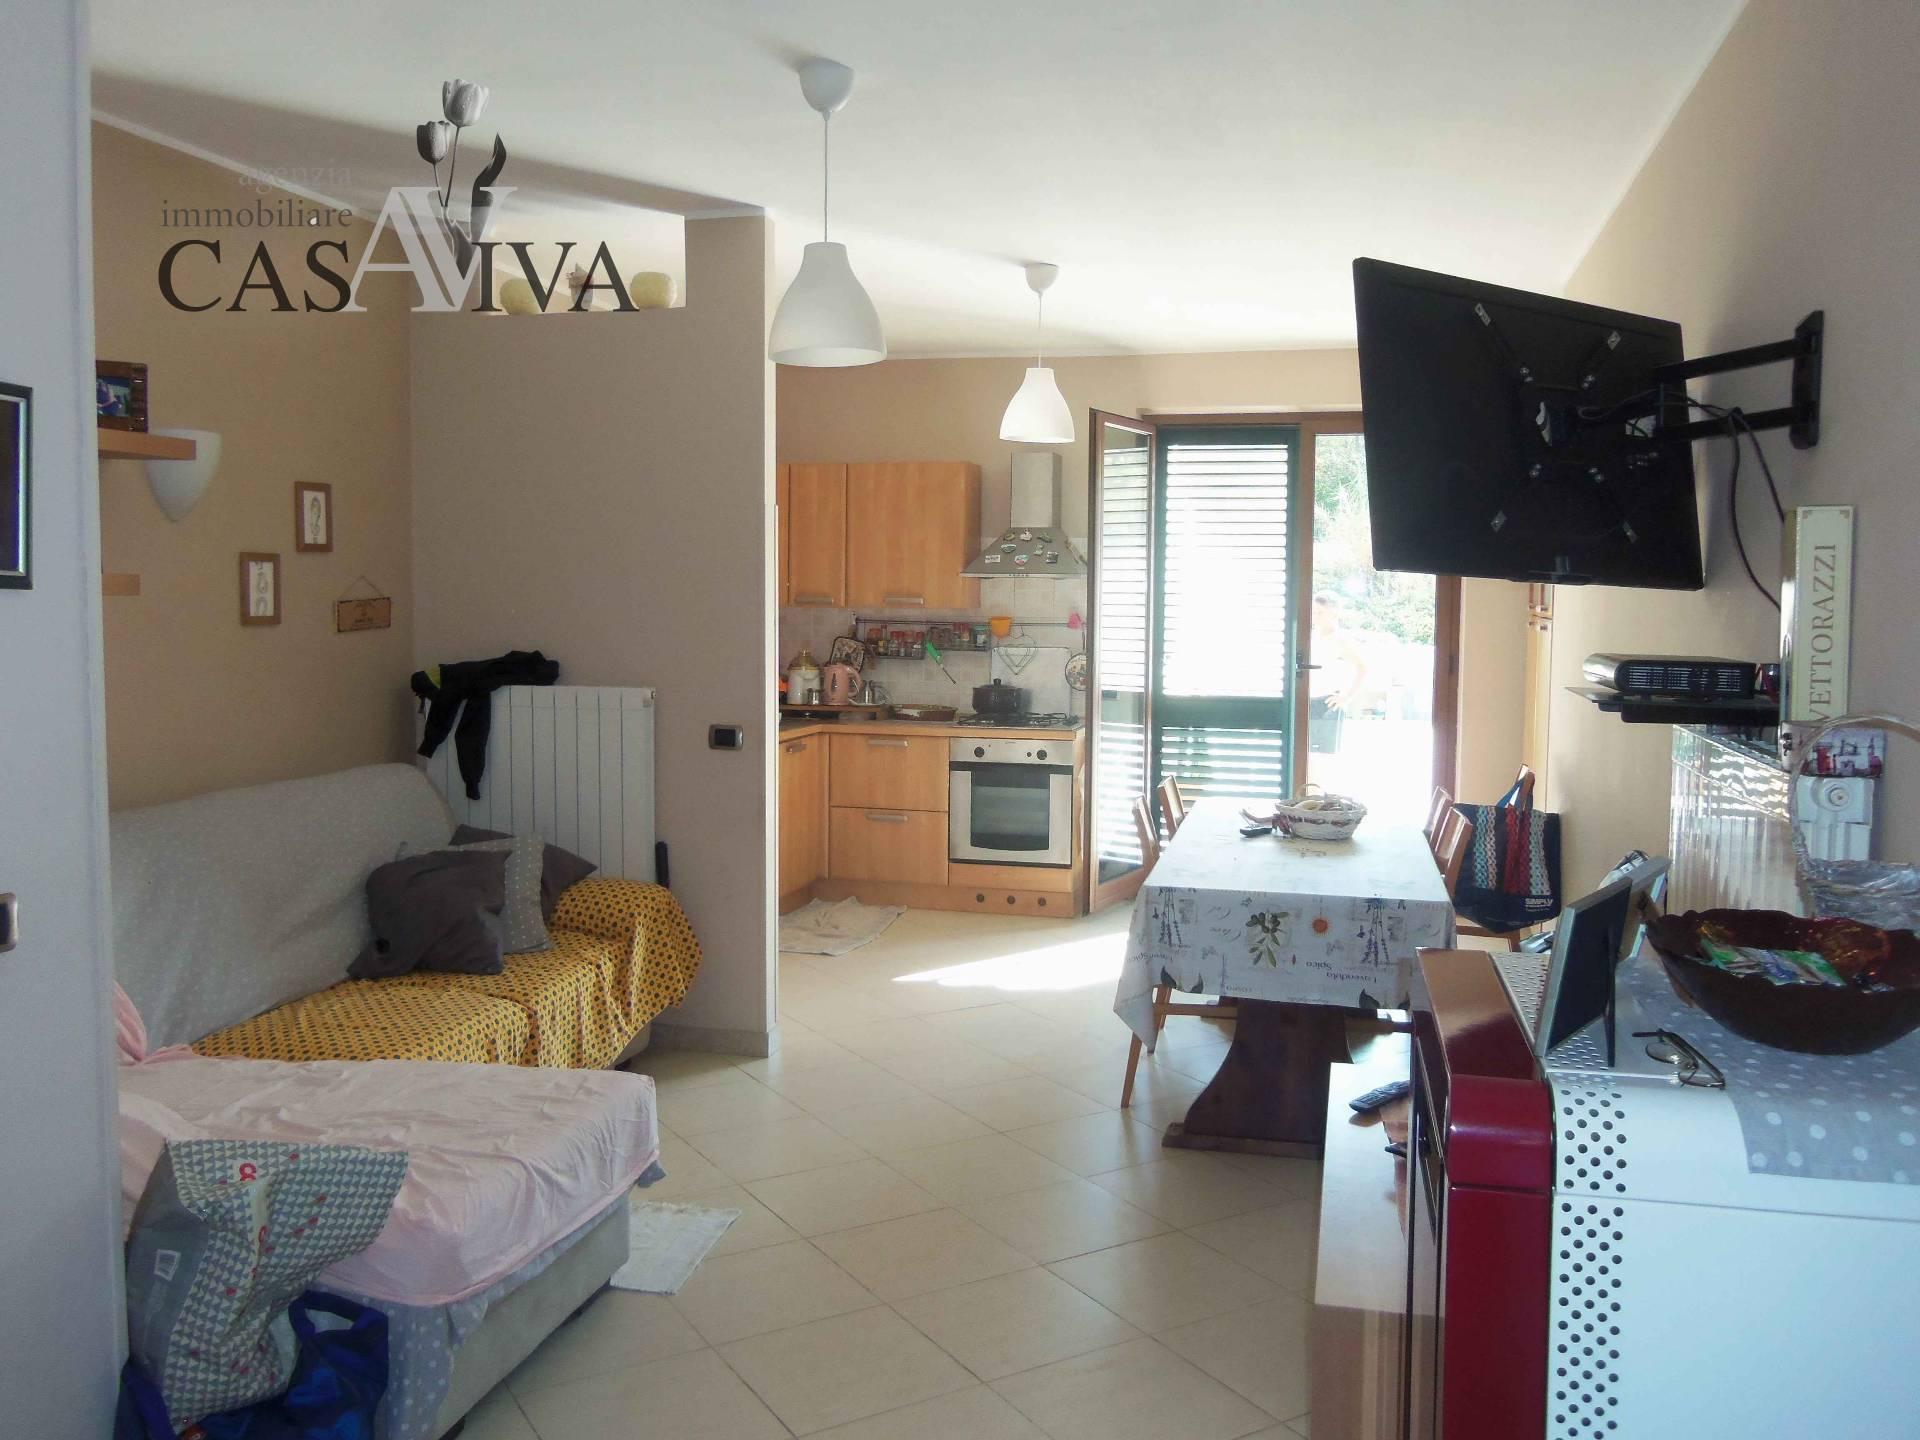 Appartamento in vendita a Acquaviva Picena, 5 locali, prezzo € 170.000   PortaleAgenzieImmobiliari.it